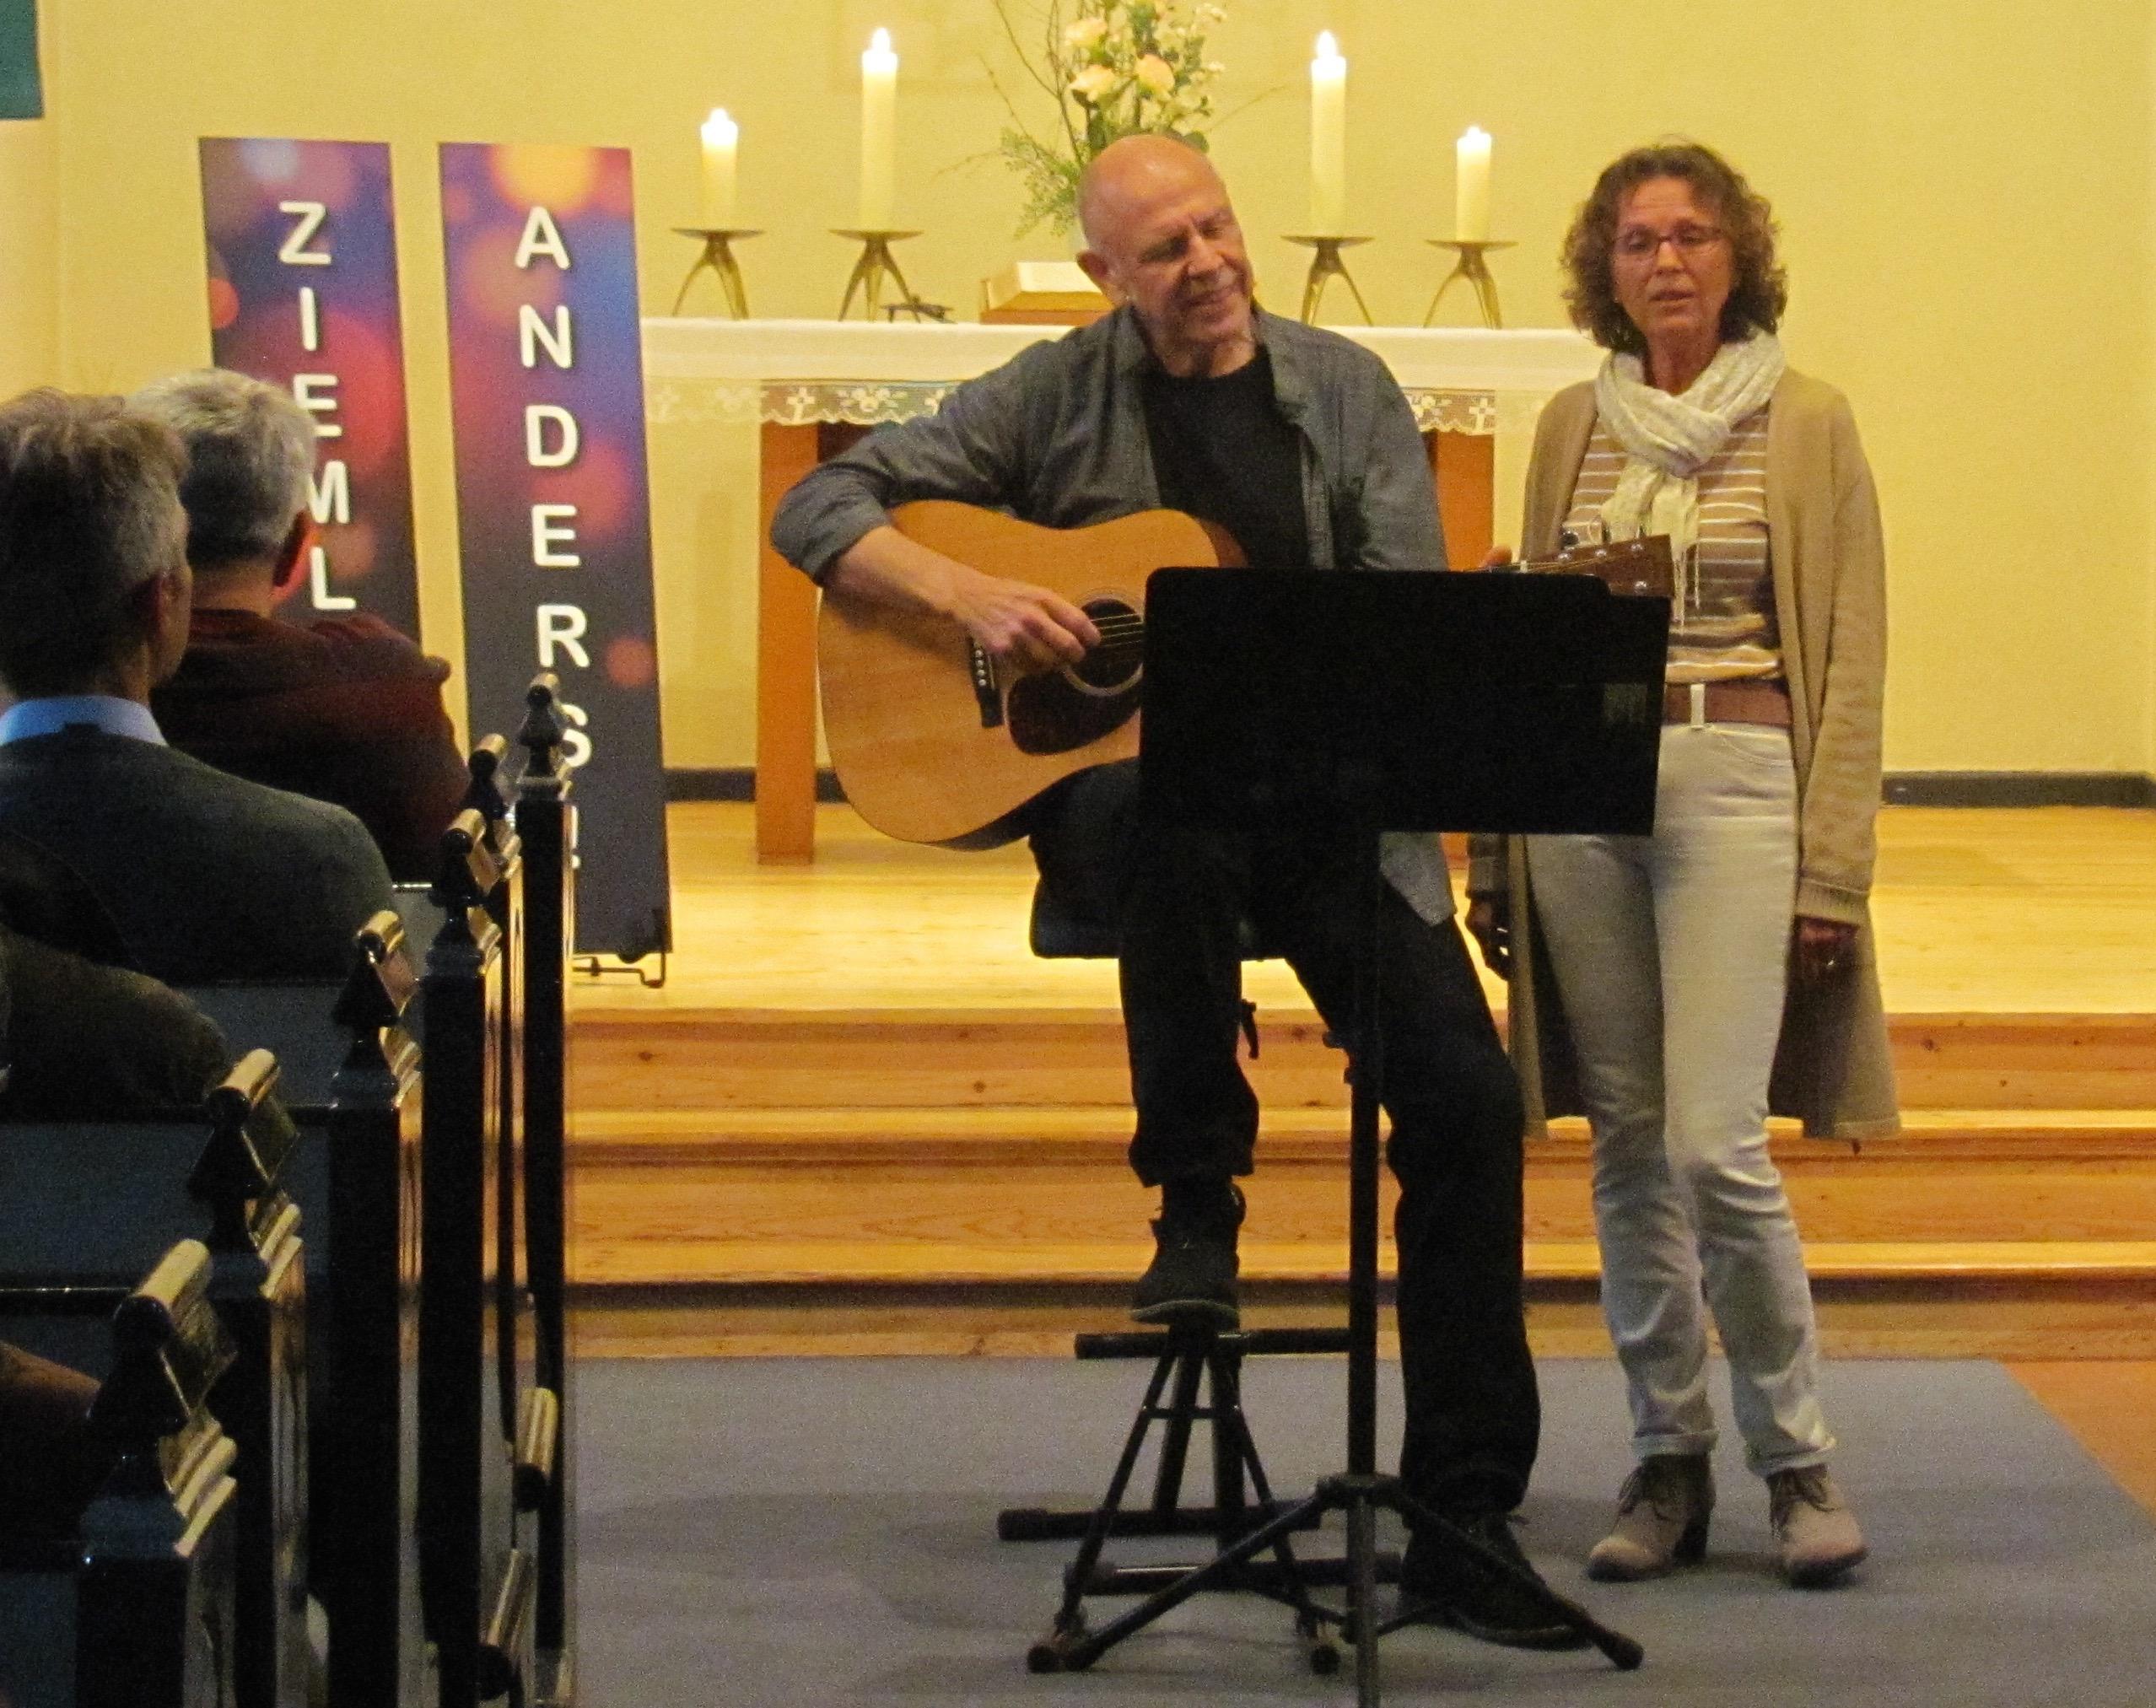 Foto vom Duo ziemlich anders bei Auftritt in Kirche